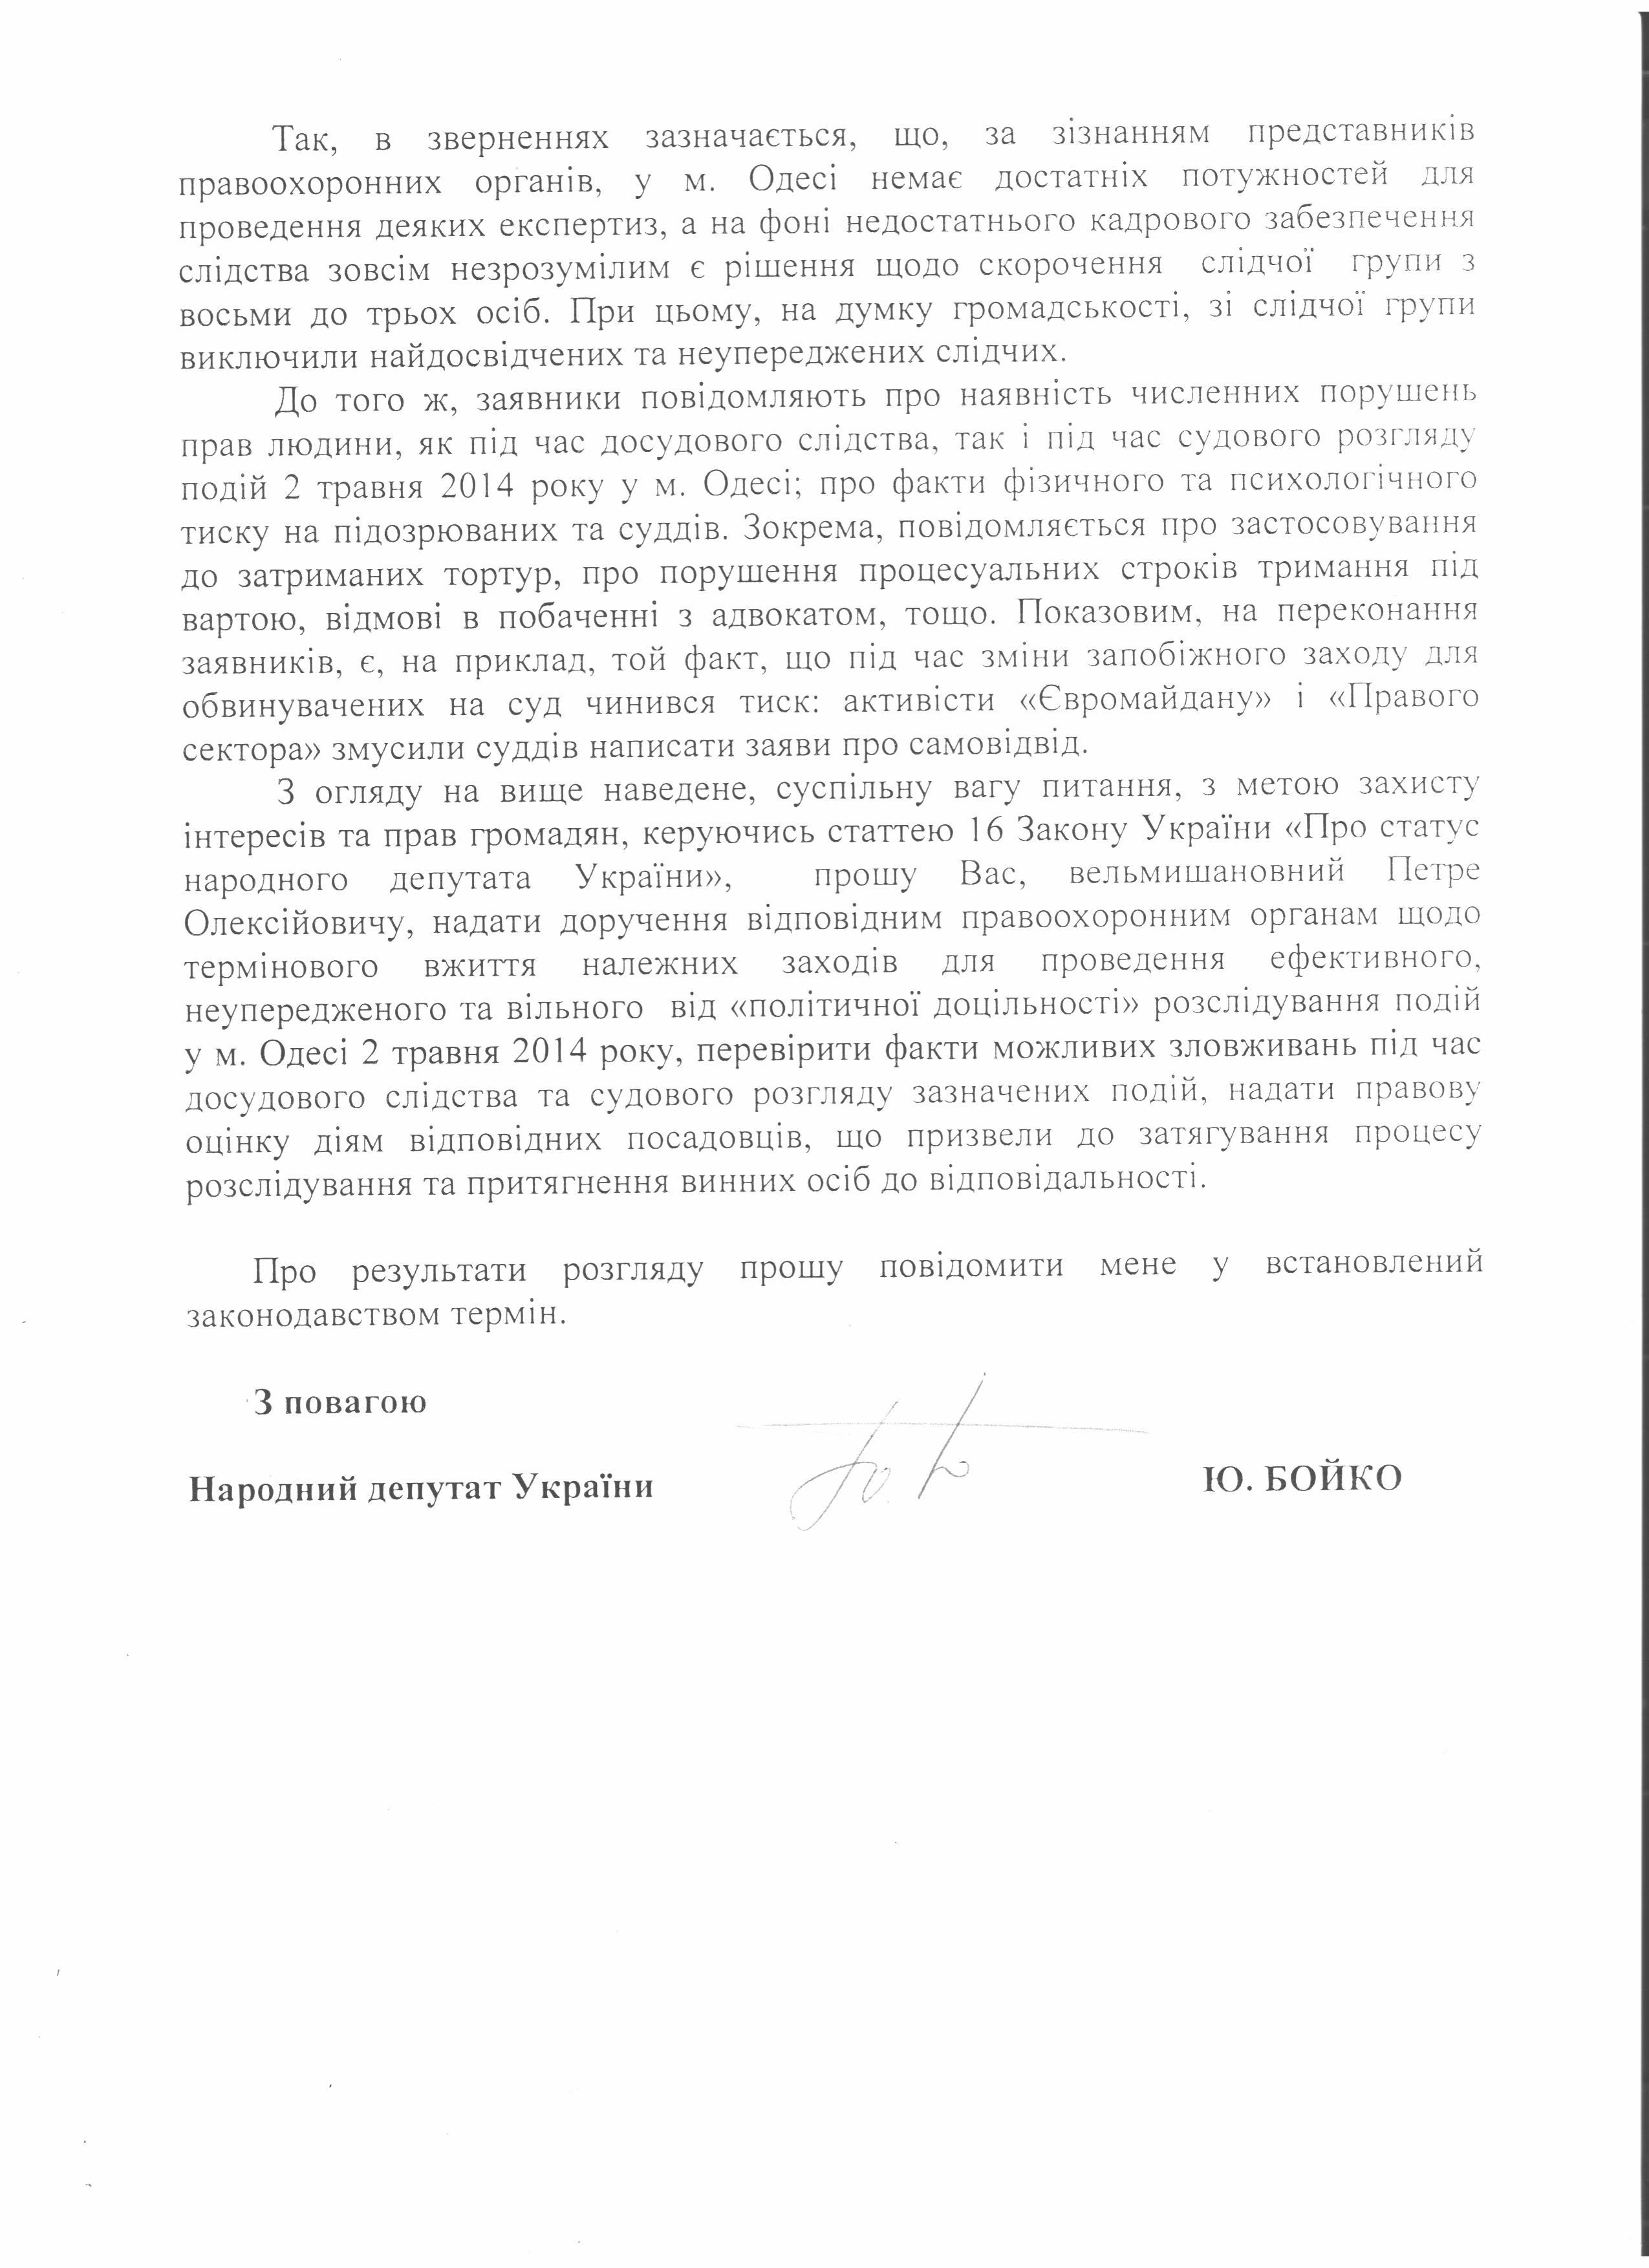 Юрій Бойко звернувся до президента та генпрокурора з приводу подій в Одесі (ДОКУМЕНТ) - фото 2